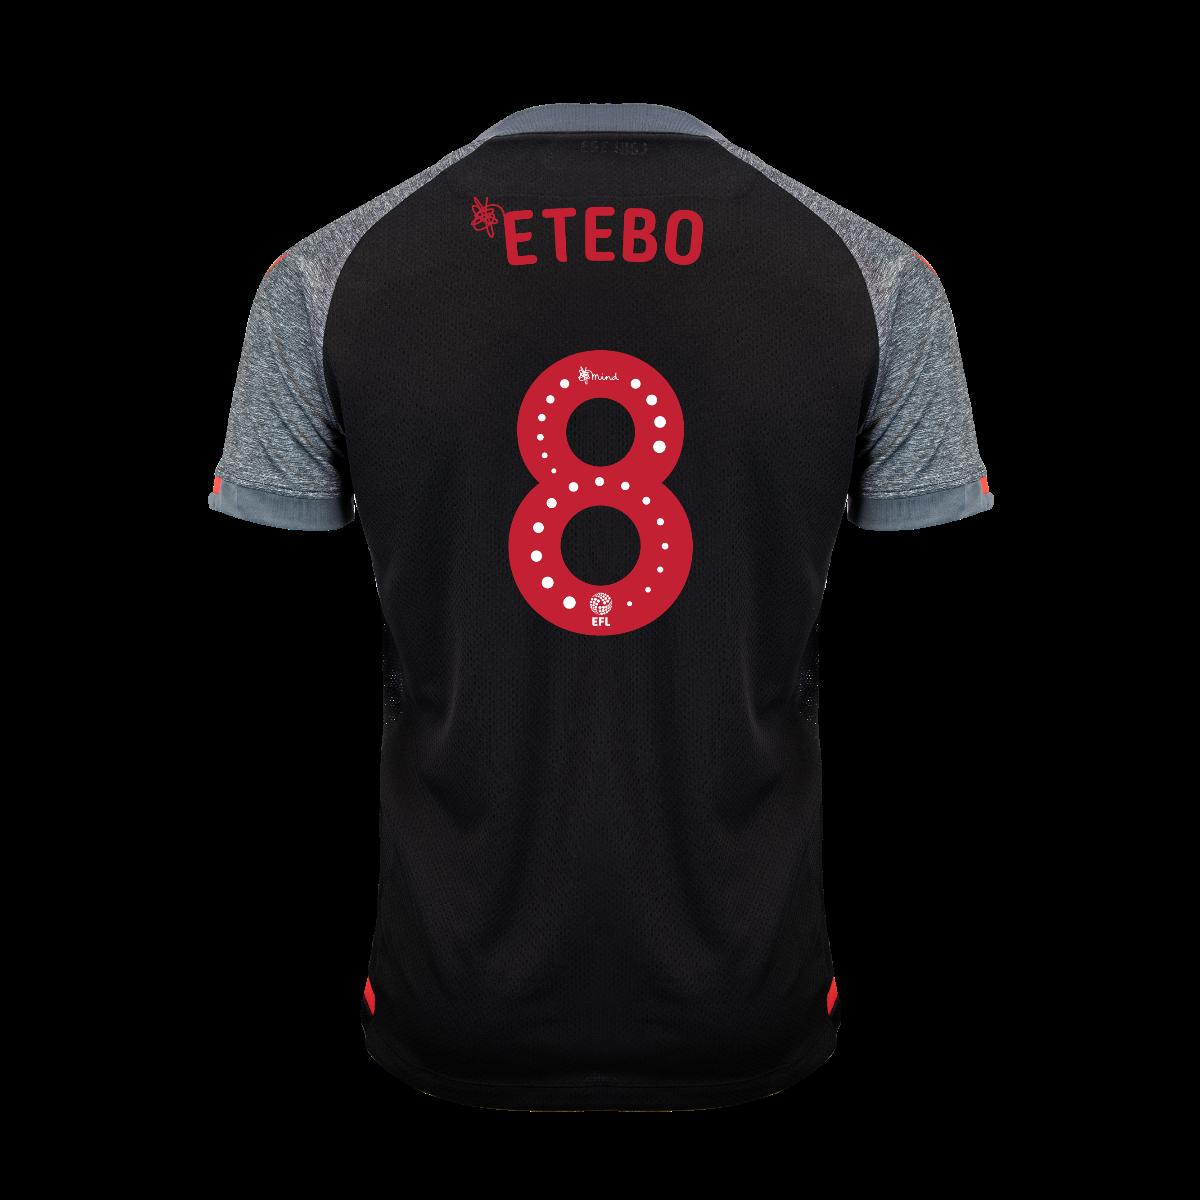 2019/20 Ladies Away Shirt - Etebo